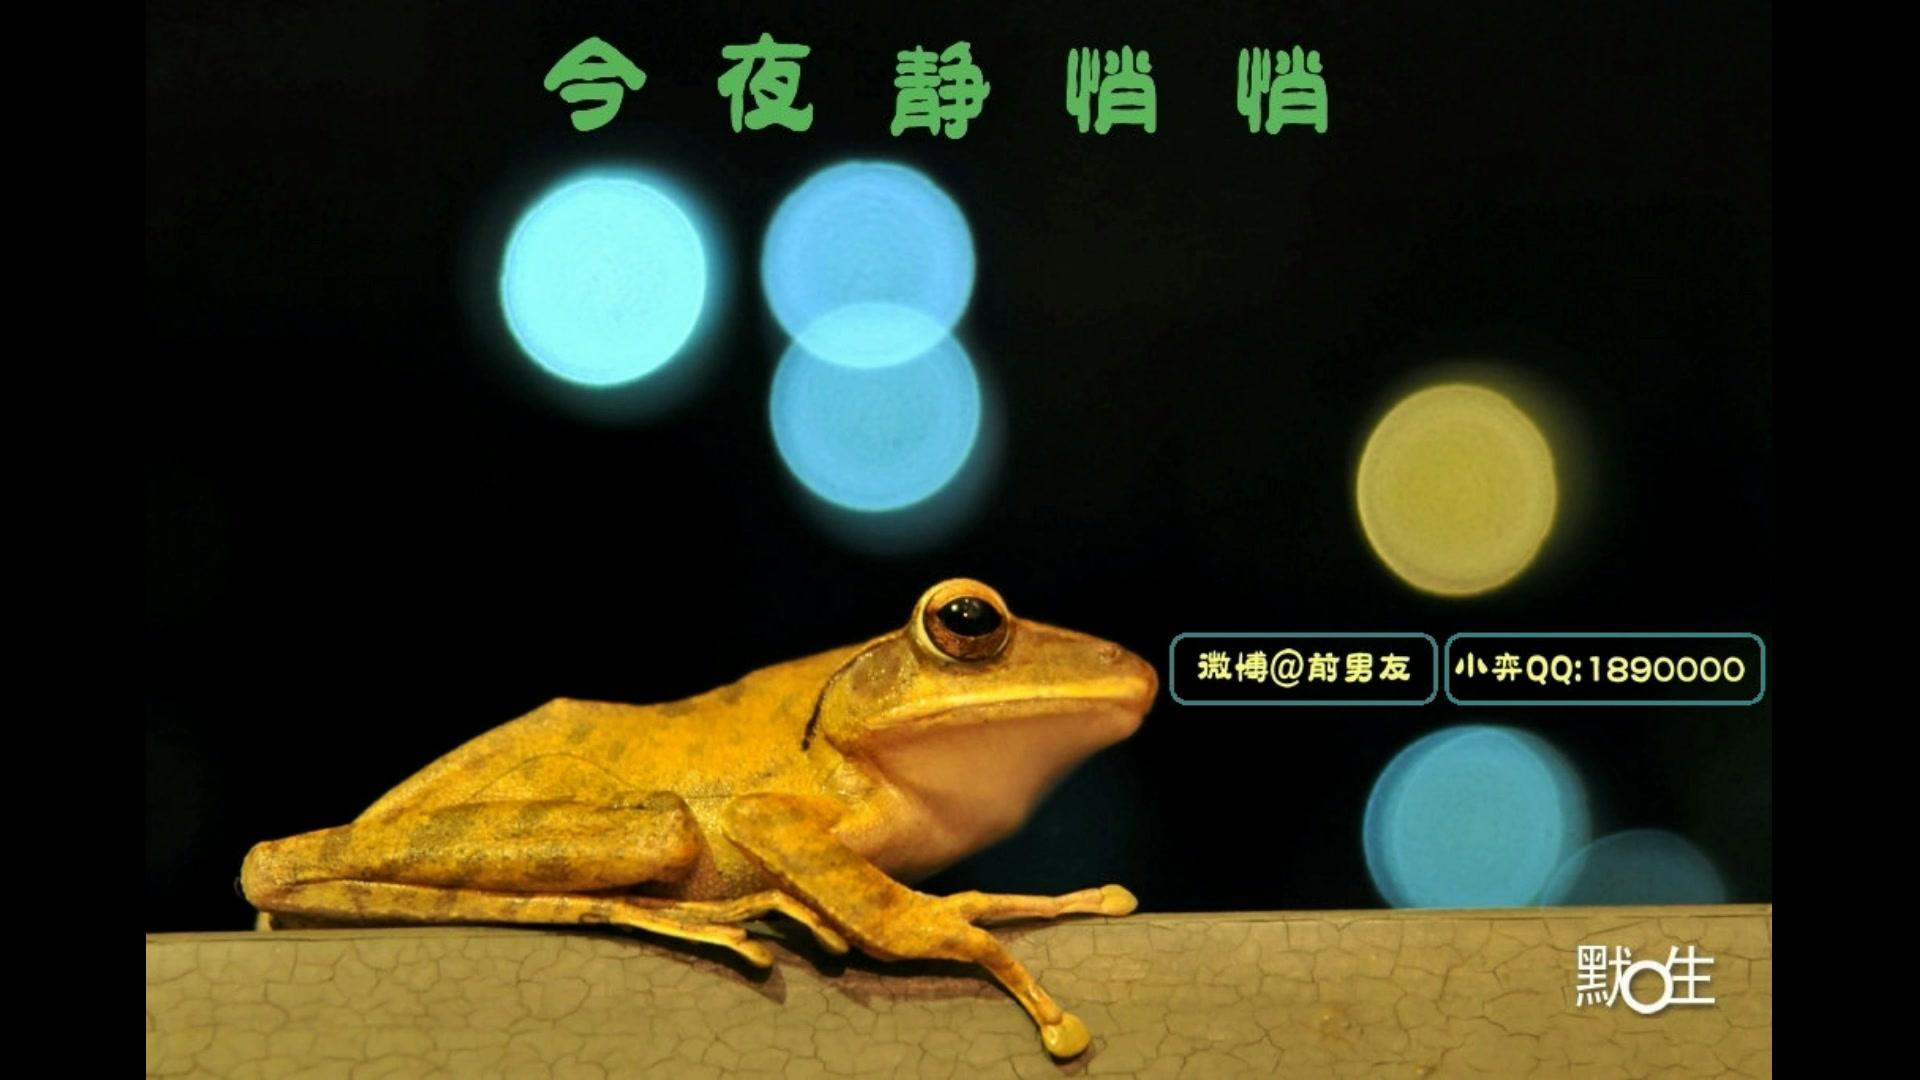 求:刘晓婷 求实英语全套视频及mp3发463707012@qq.com